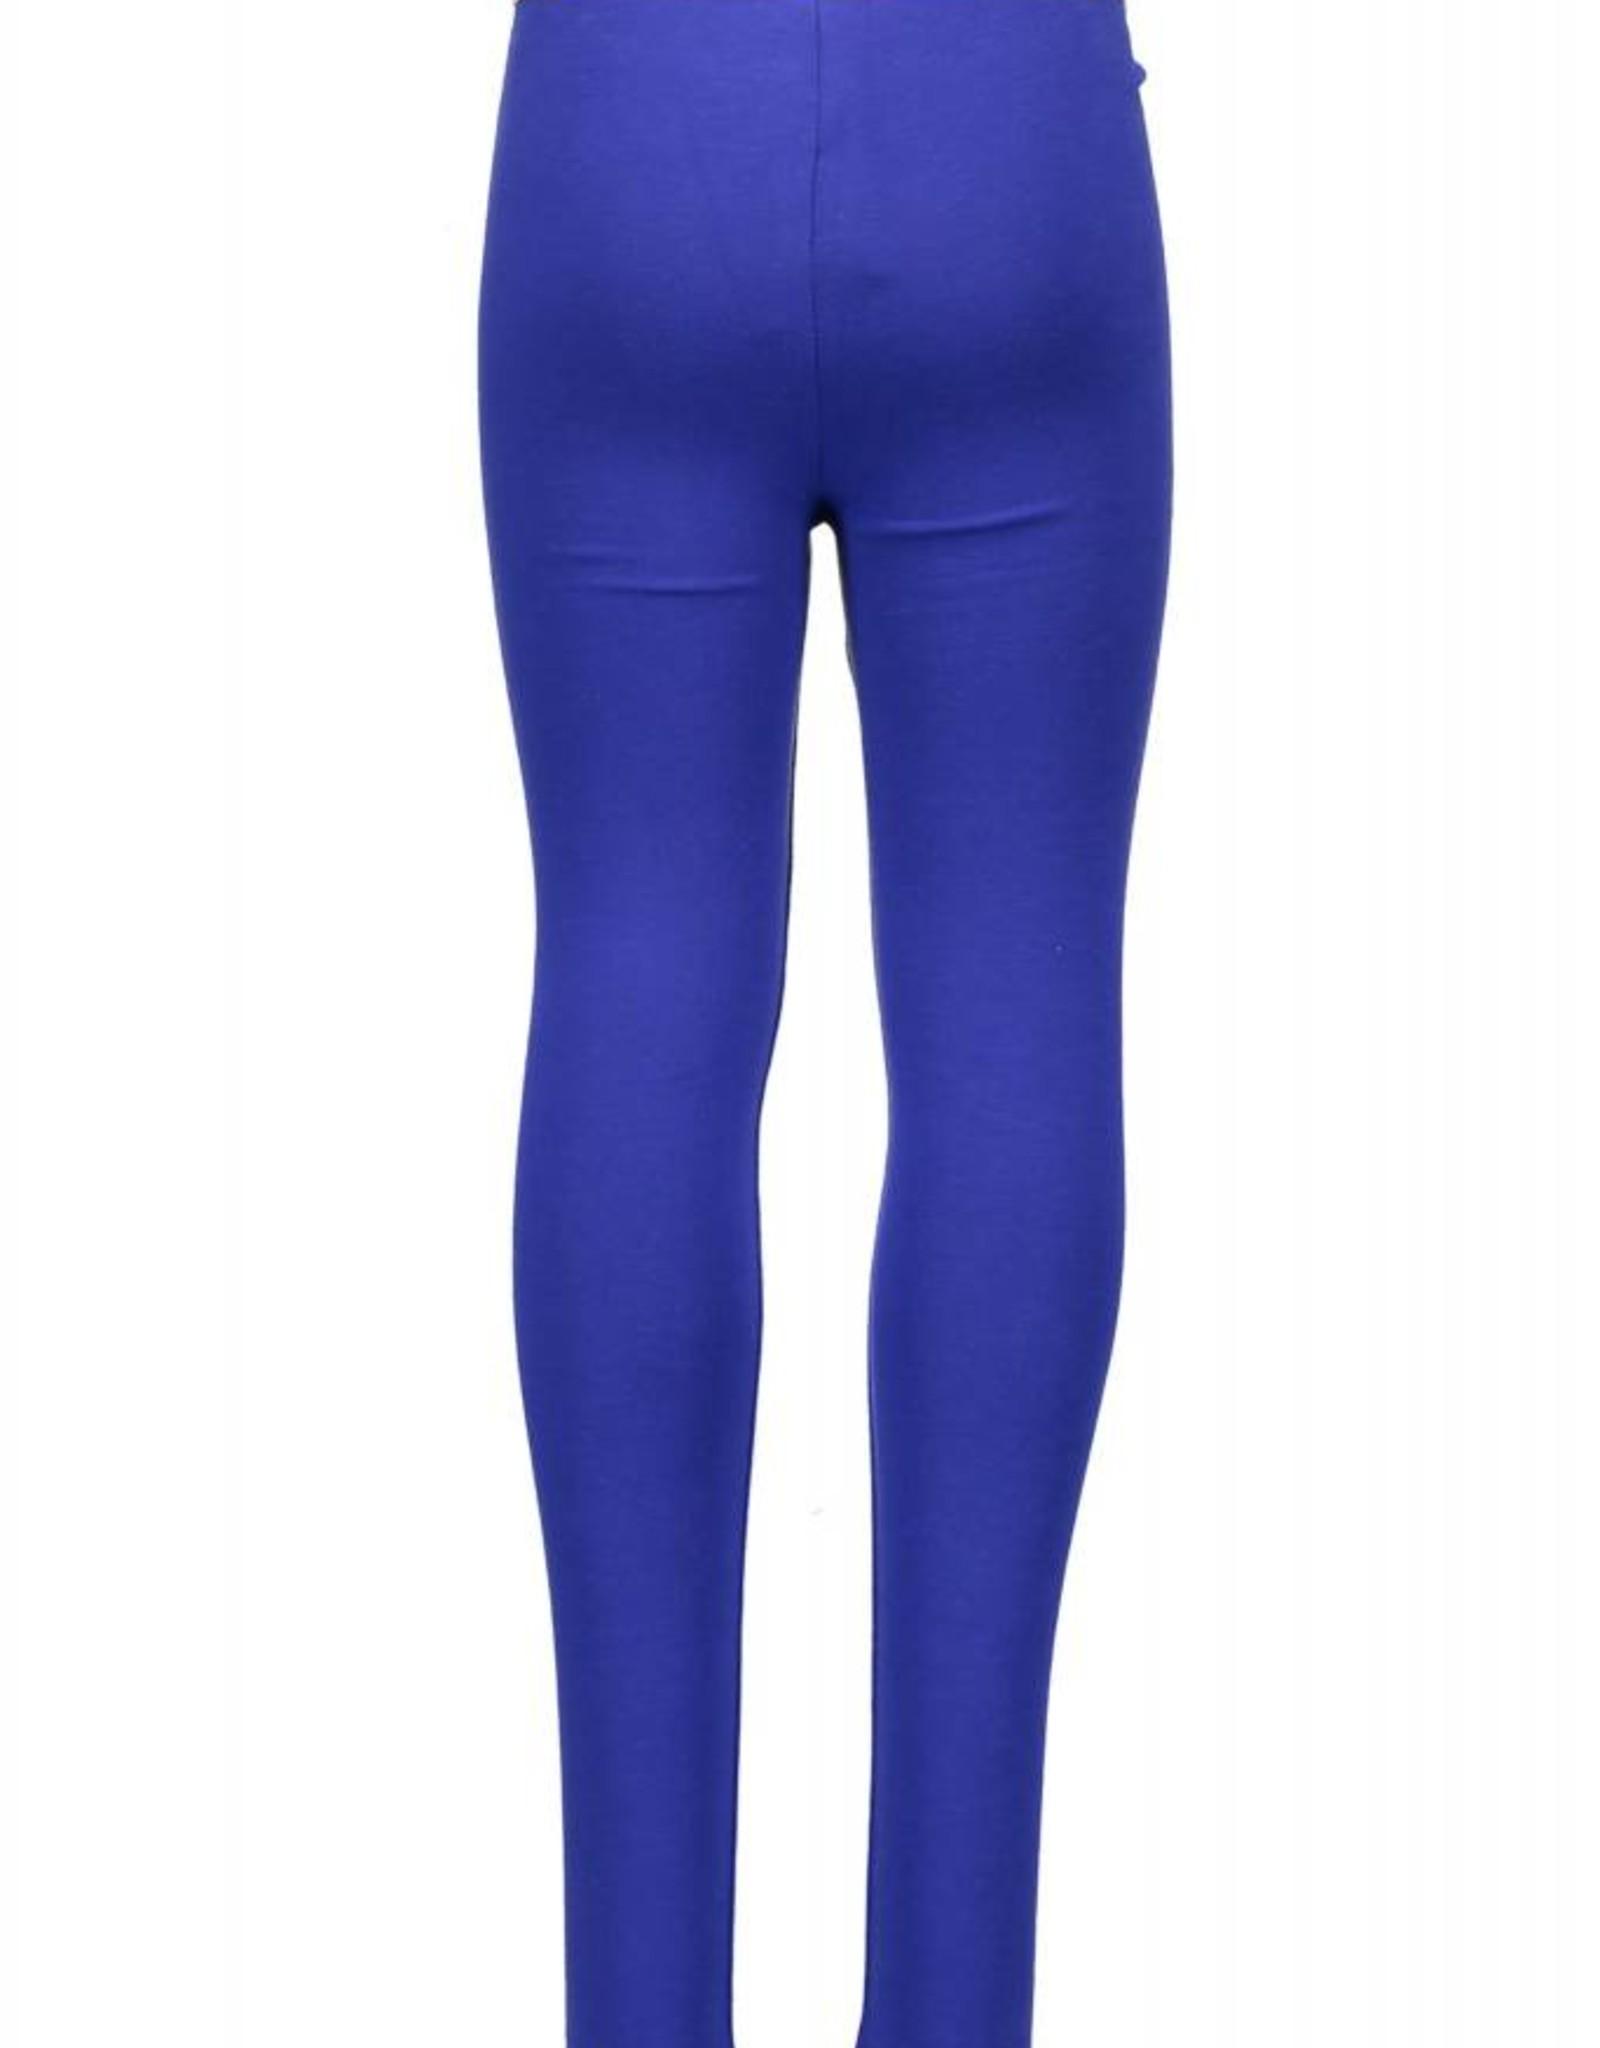 Kidz Art Legging plain Blue